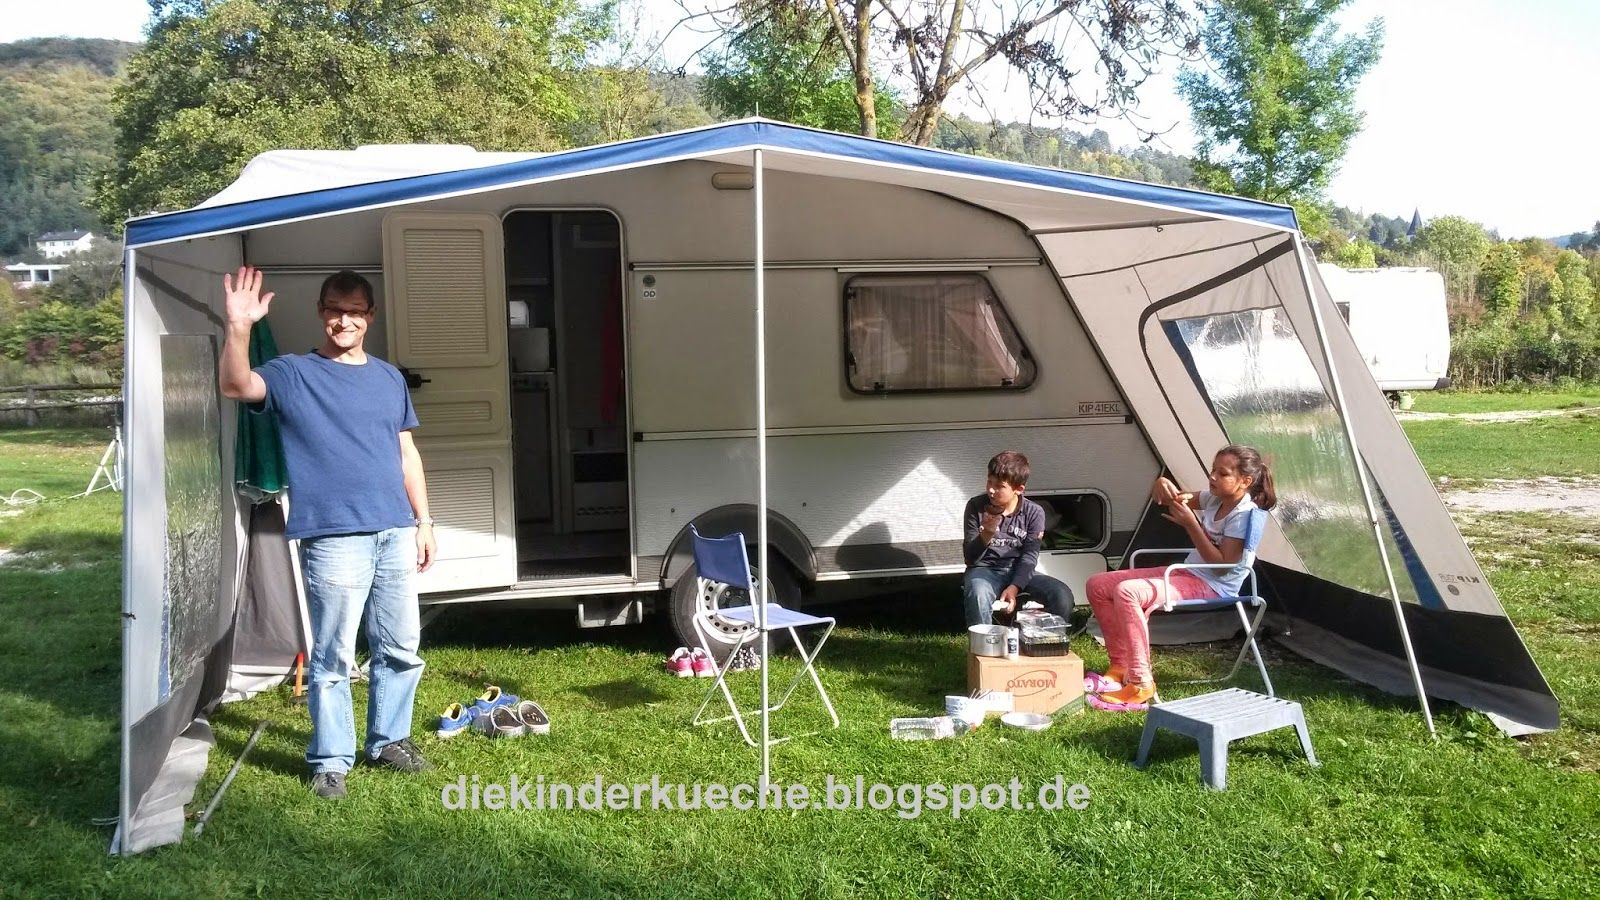 Unser kleiner Wohnwagen Die_Kinderkueche